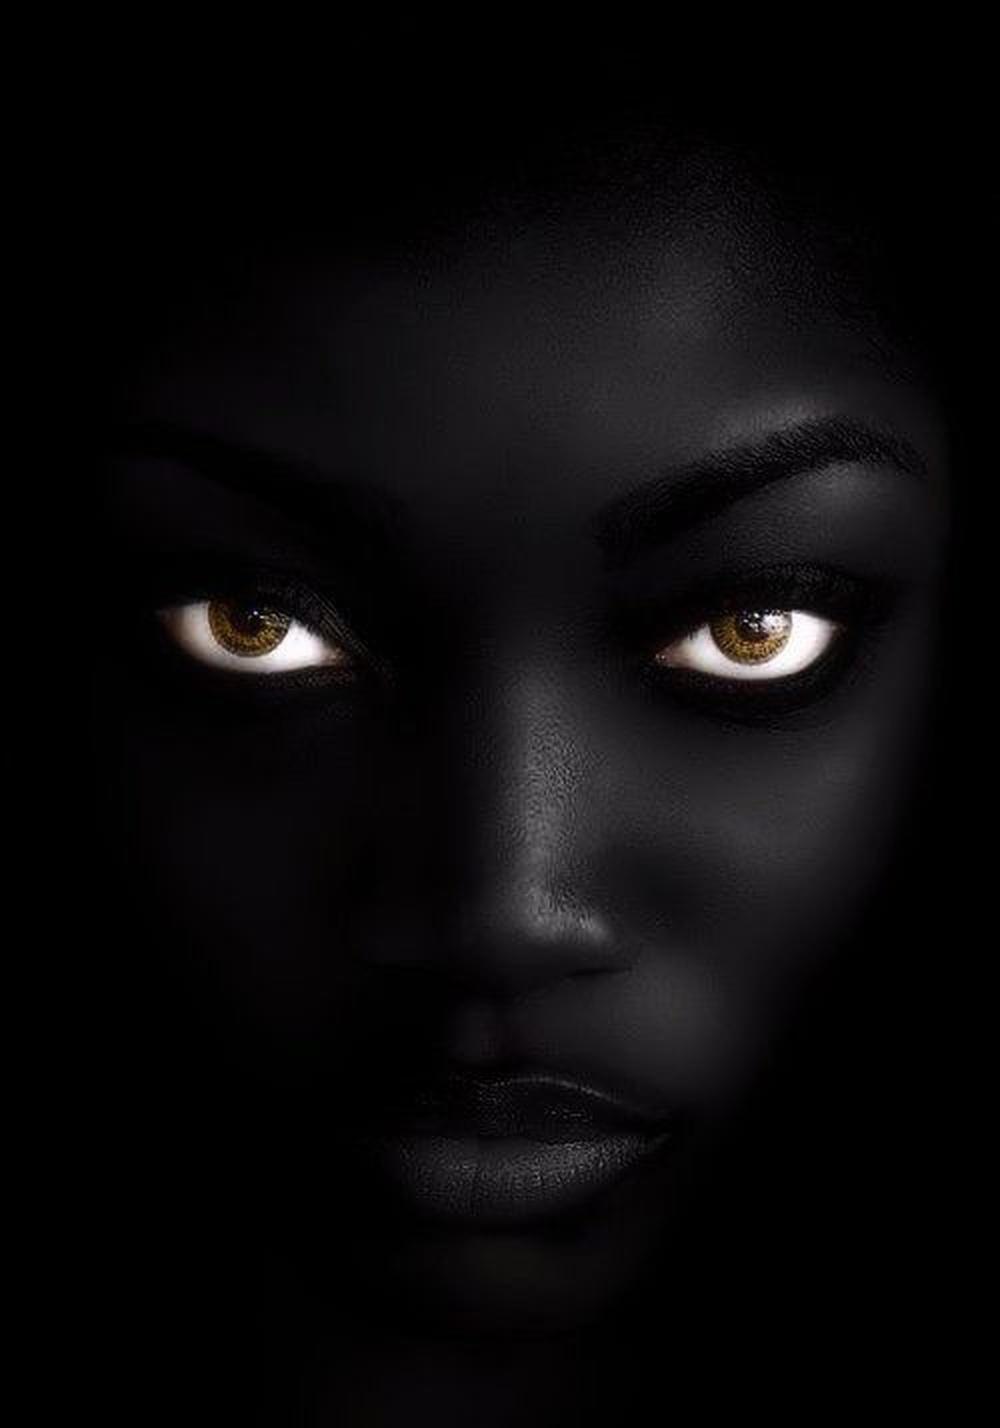 Noir non-américain, lorsque vous faites le choix de venir en Amérique, vous devenez noir